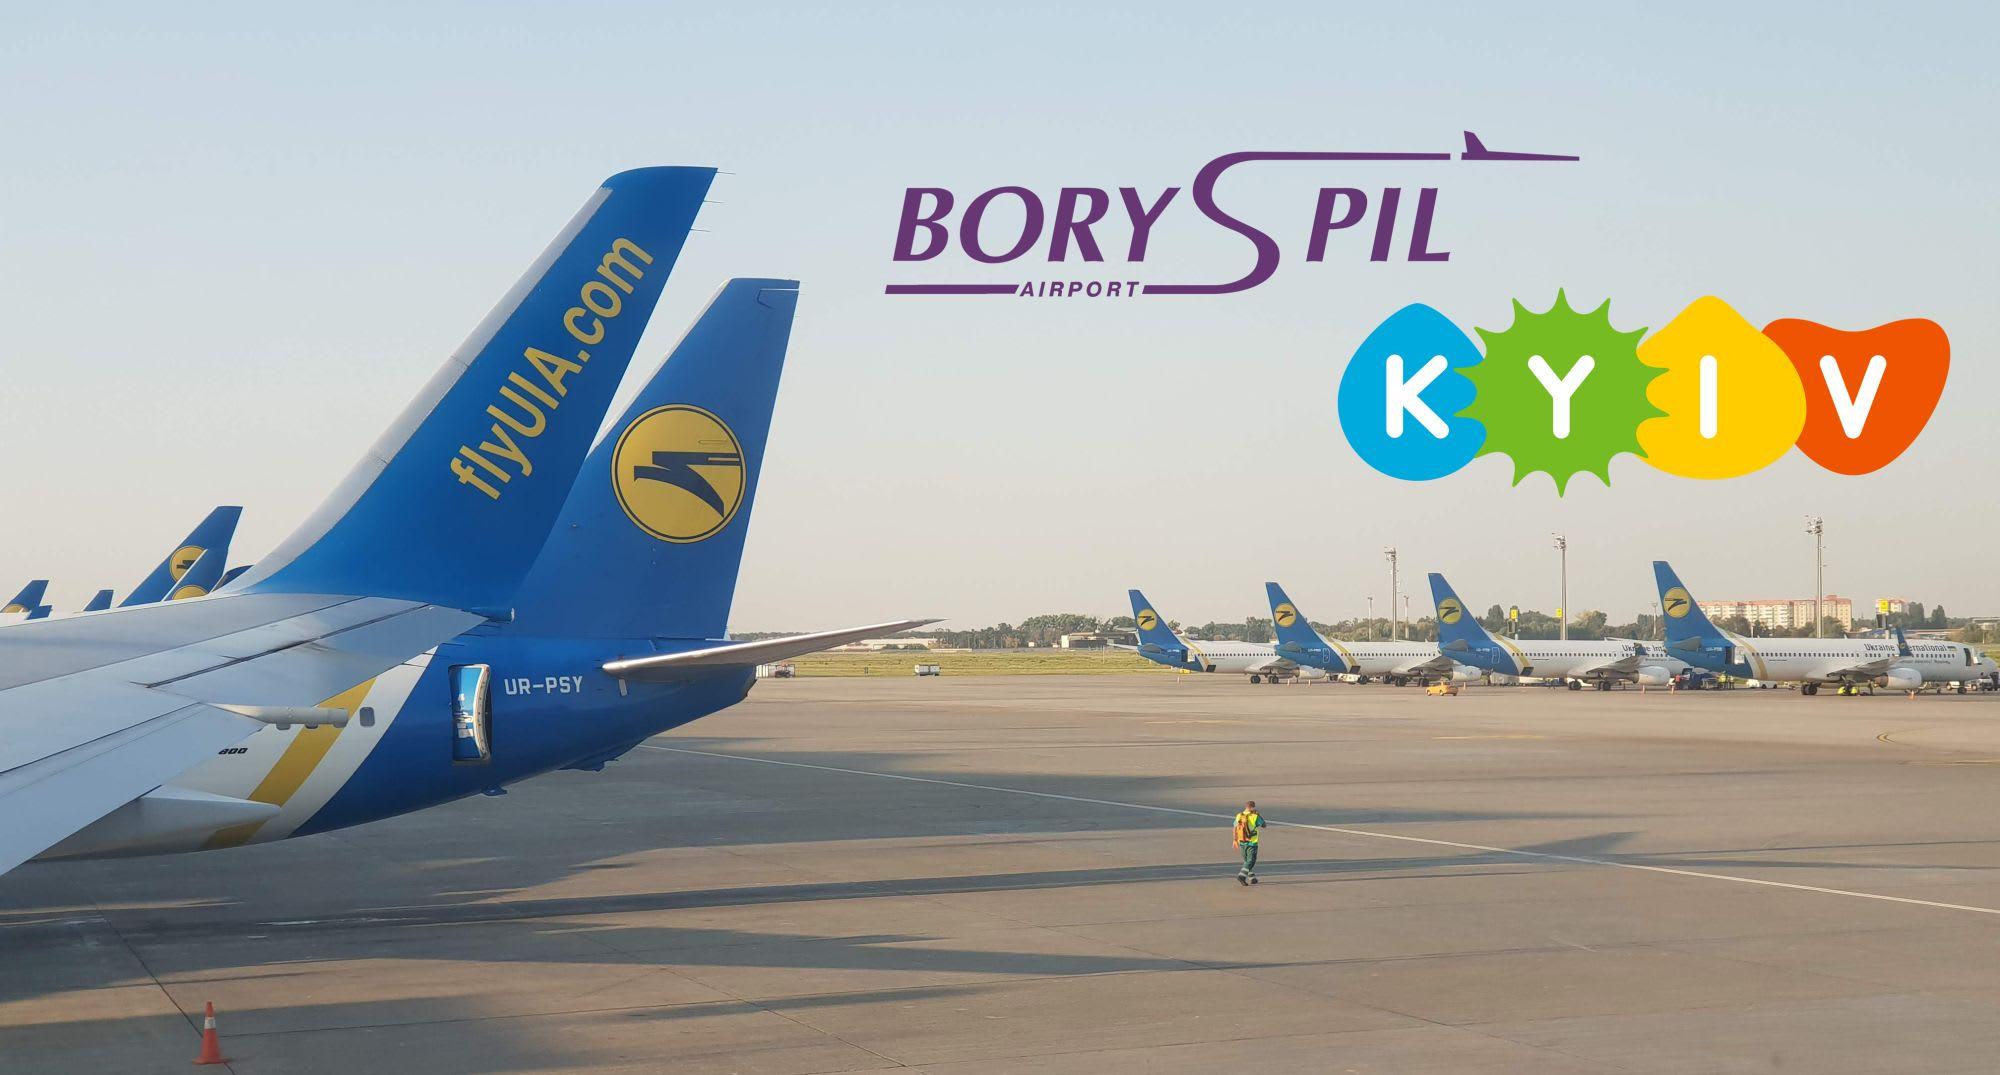 שדה התעופה בוריספיל בקייב לקונקשנים עם יוקריין אינטרנשיונל איירליינס